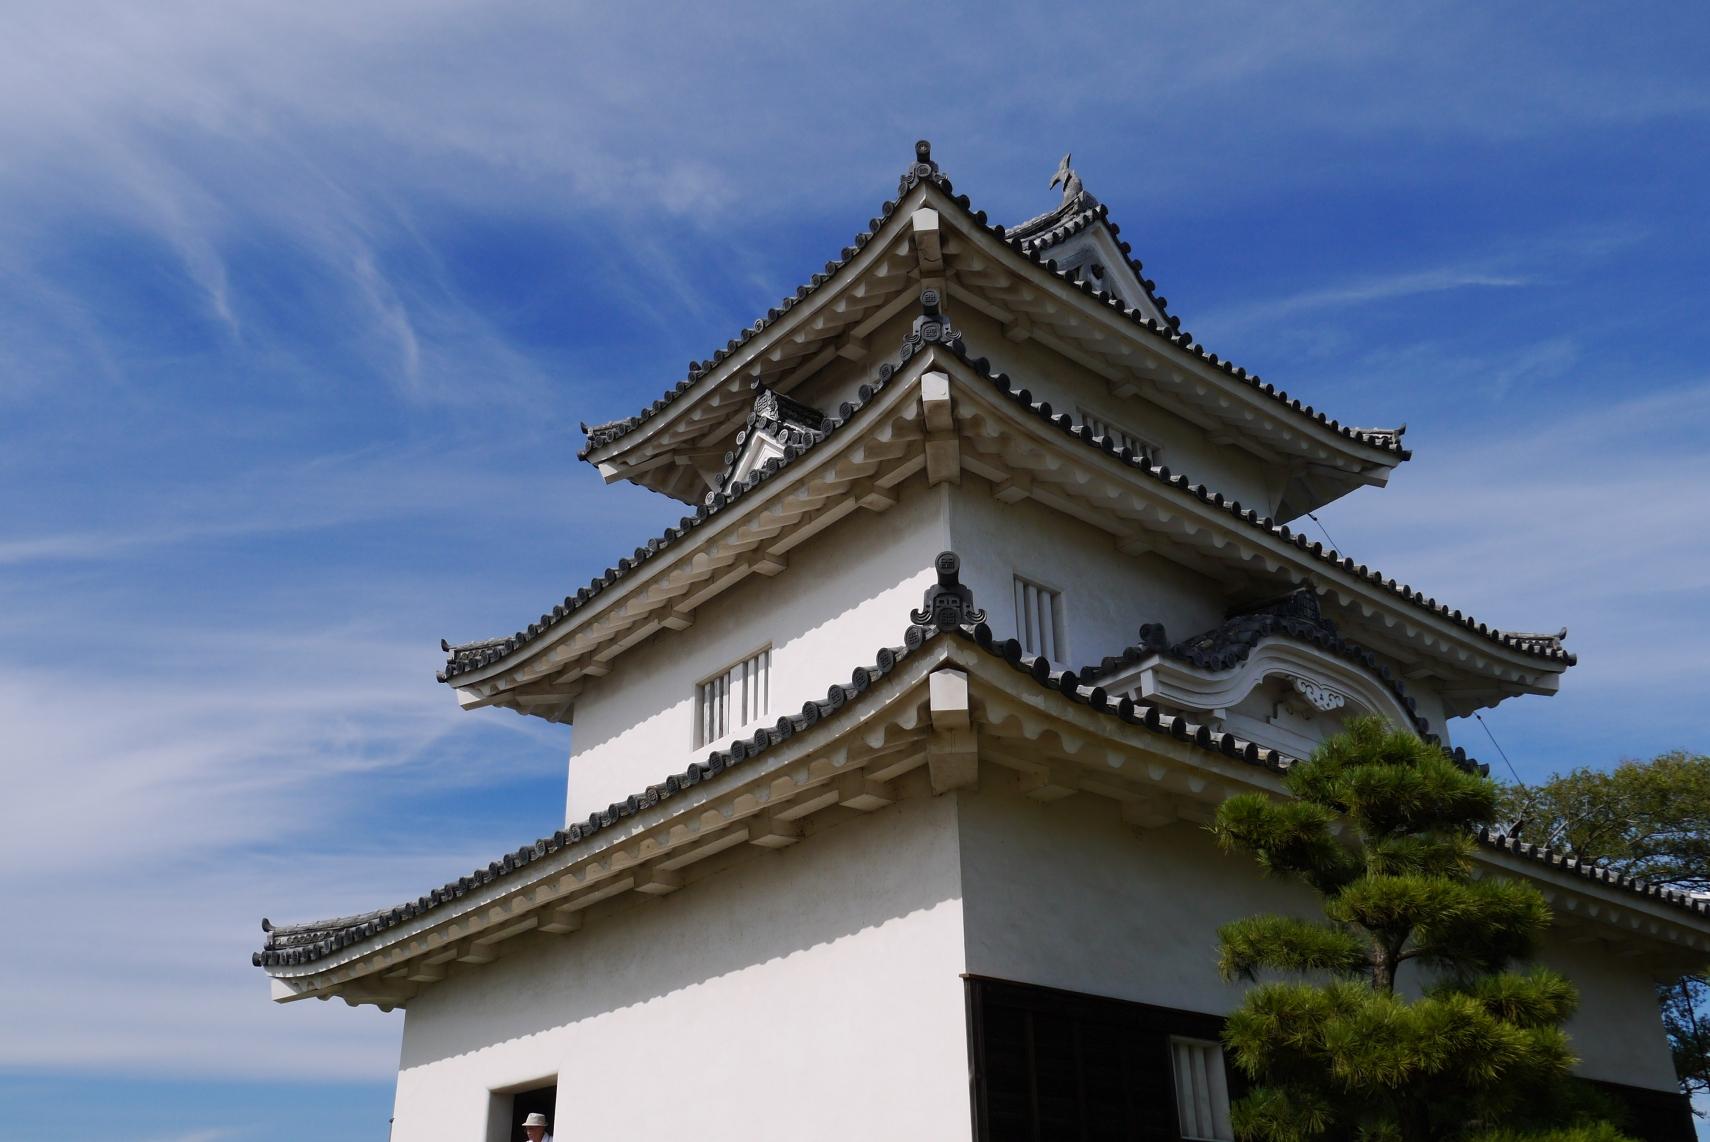 丸亀城天守閣の壁の質感